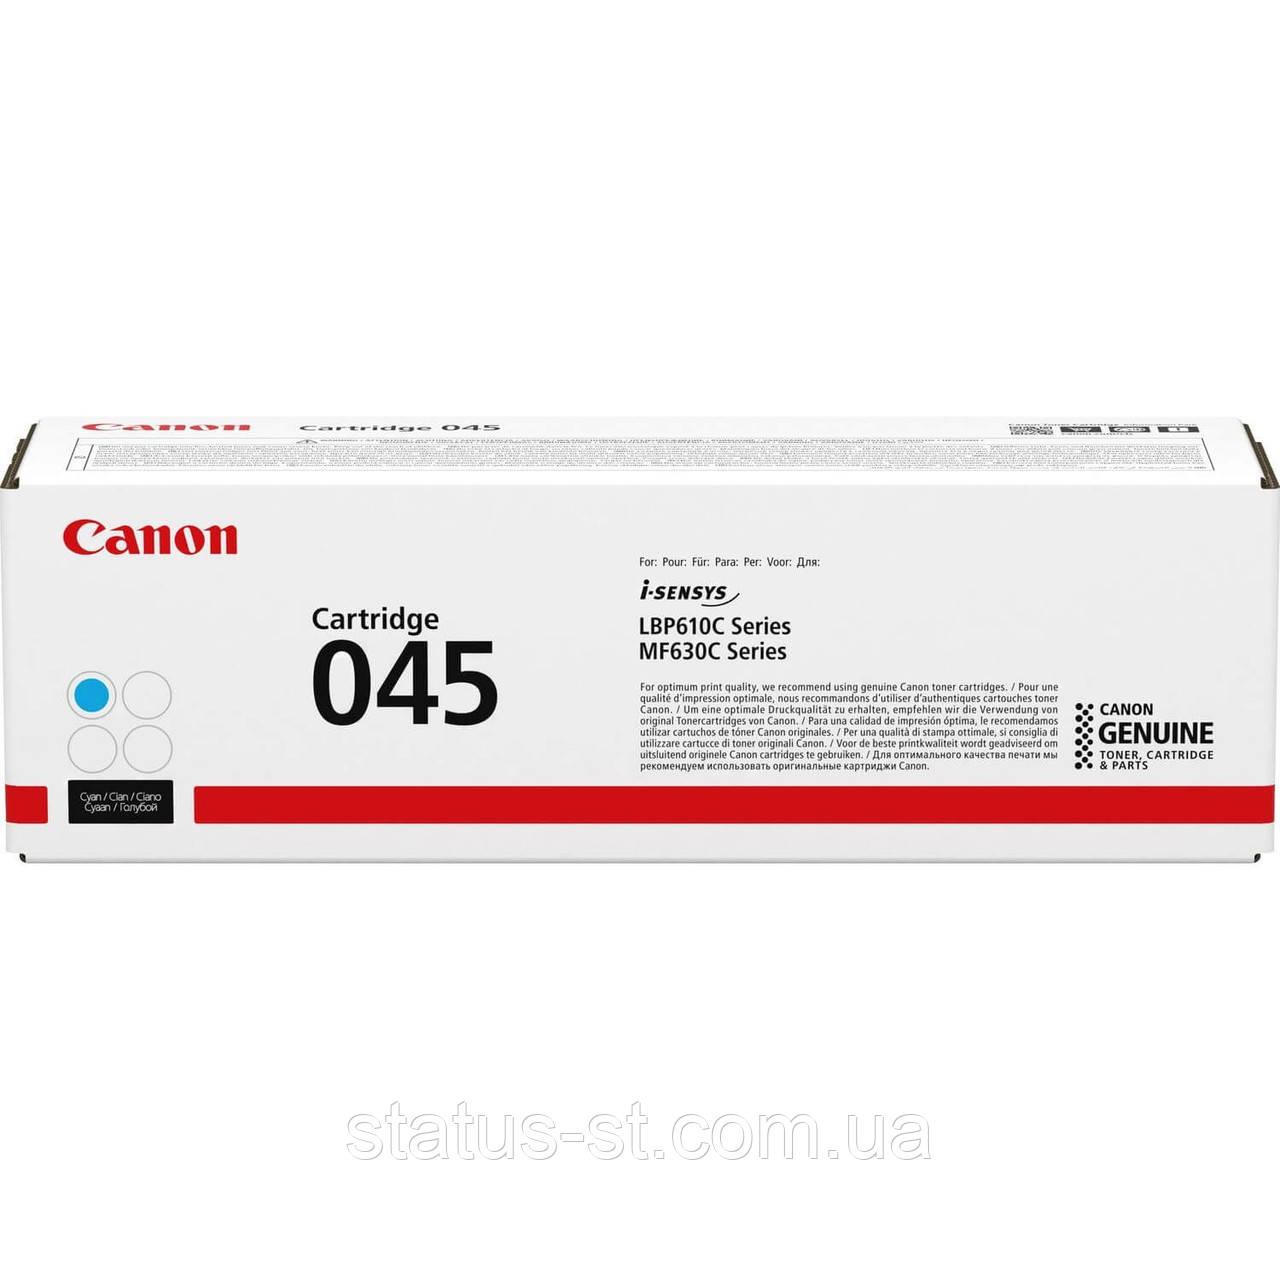 Заправка Canon 045 cyan для друку i-sensys LBP611Cn, LBP613Cdw, MF631Cn, MF633Cdw, MF635Cx